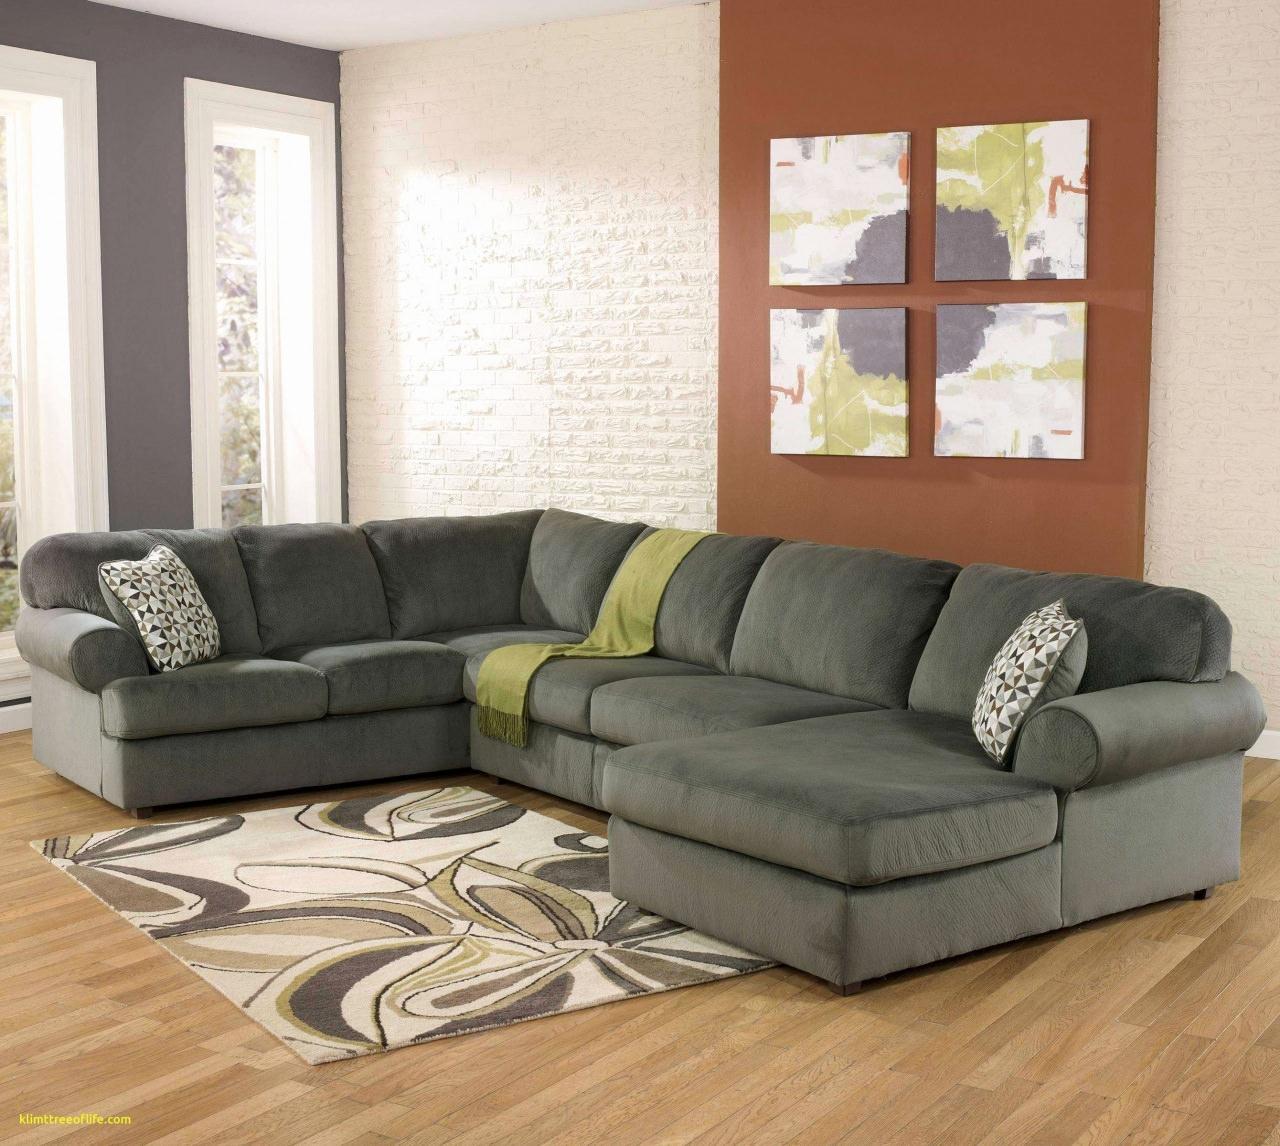 guenstige weihnachtsdeko online kaufen guenstige sofa kaufen 60 with buerostuhl gunstige g c3 bcnstige 55 von guenstige weihnachtsdeko online kaufen 1